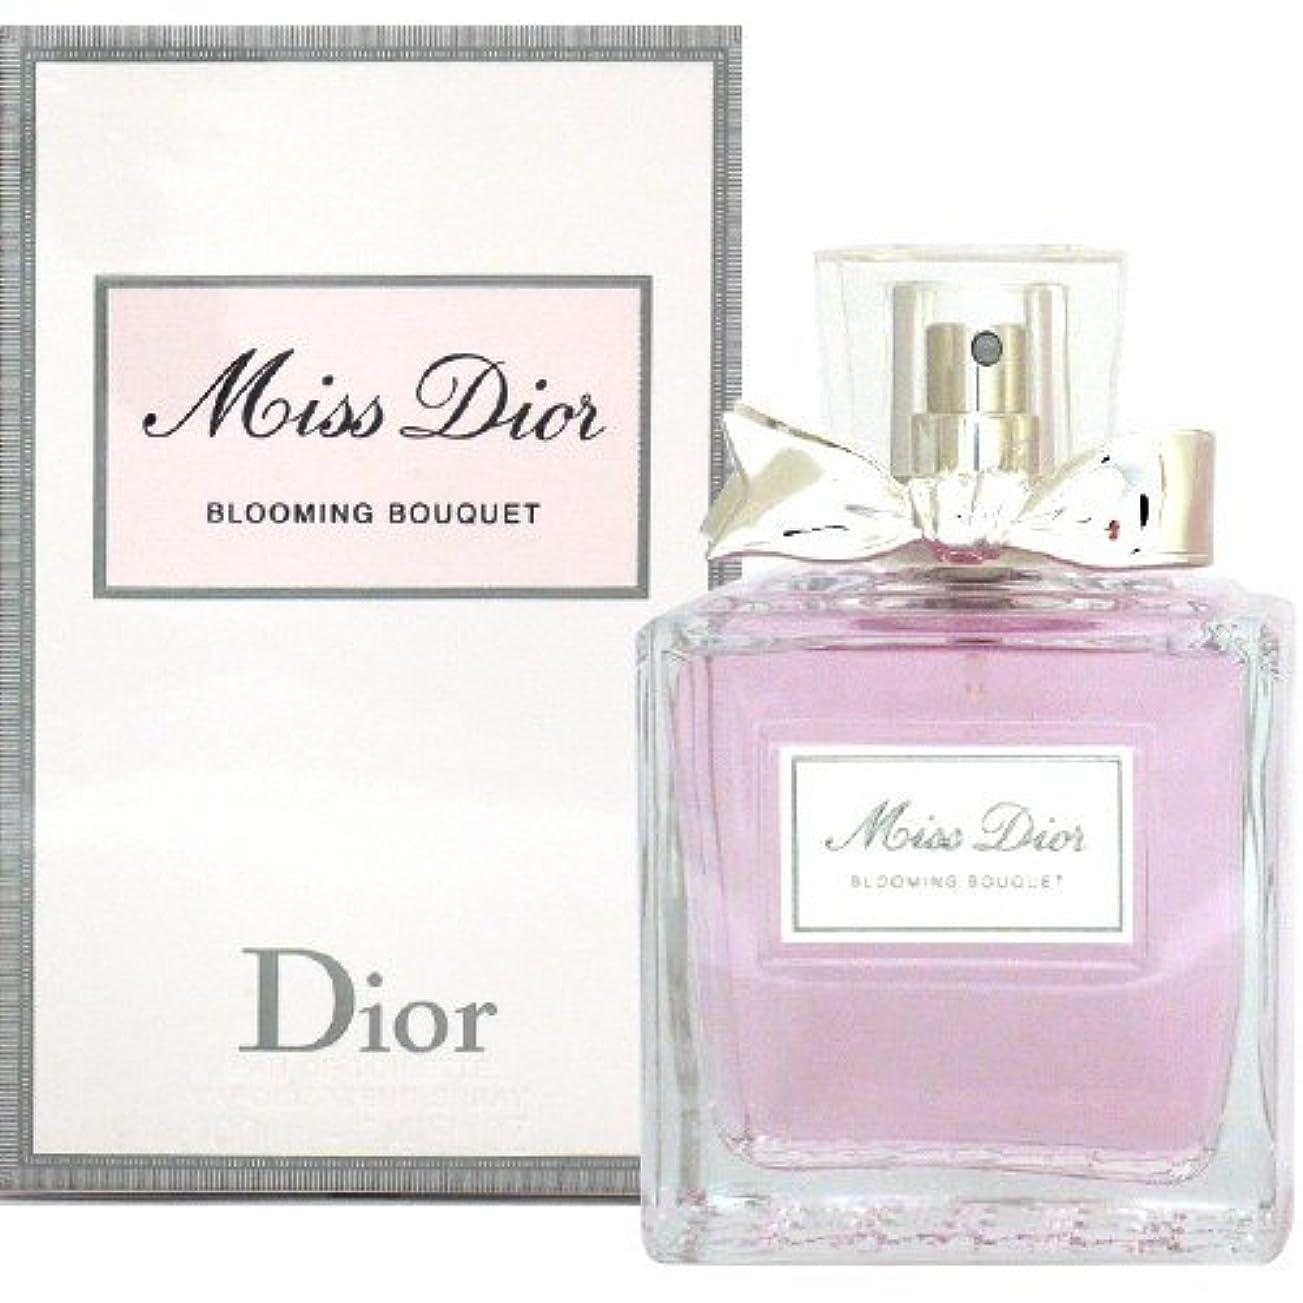 気晴らし依存経由でクリスチャンディオール Christian Dior ミスディオール ブルーミングブーケ EDT100ml cdmdbbedt100 オードトワレ 香水 [並行輸入品]